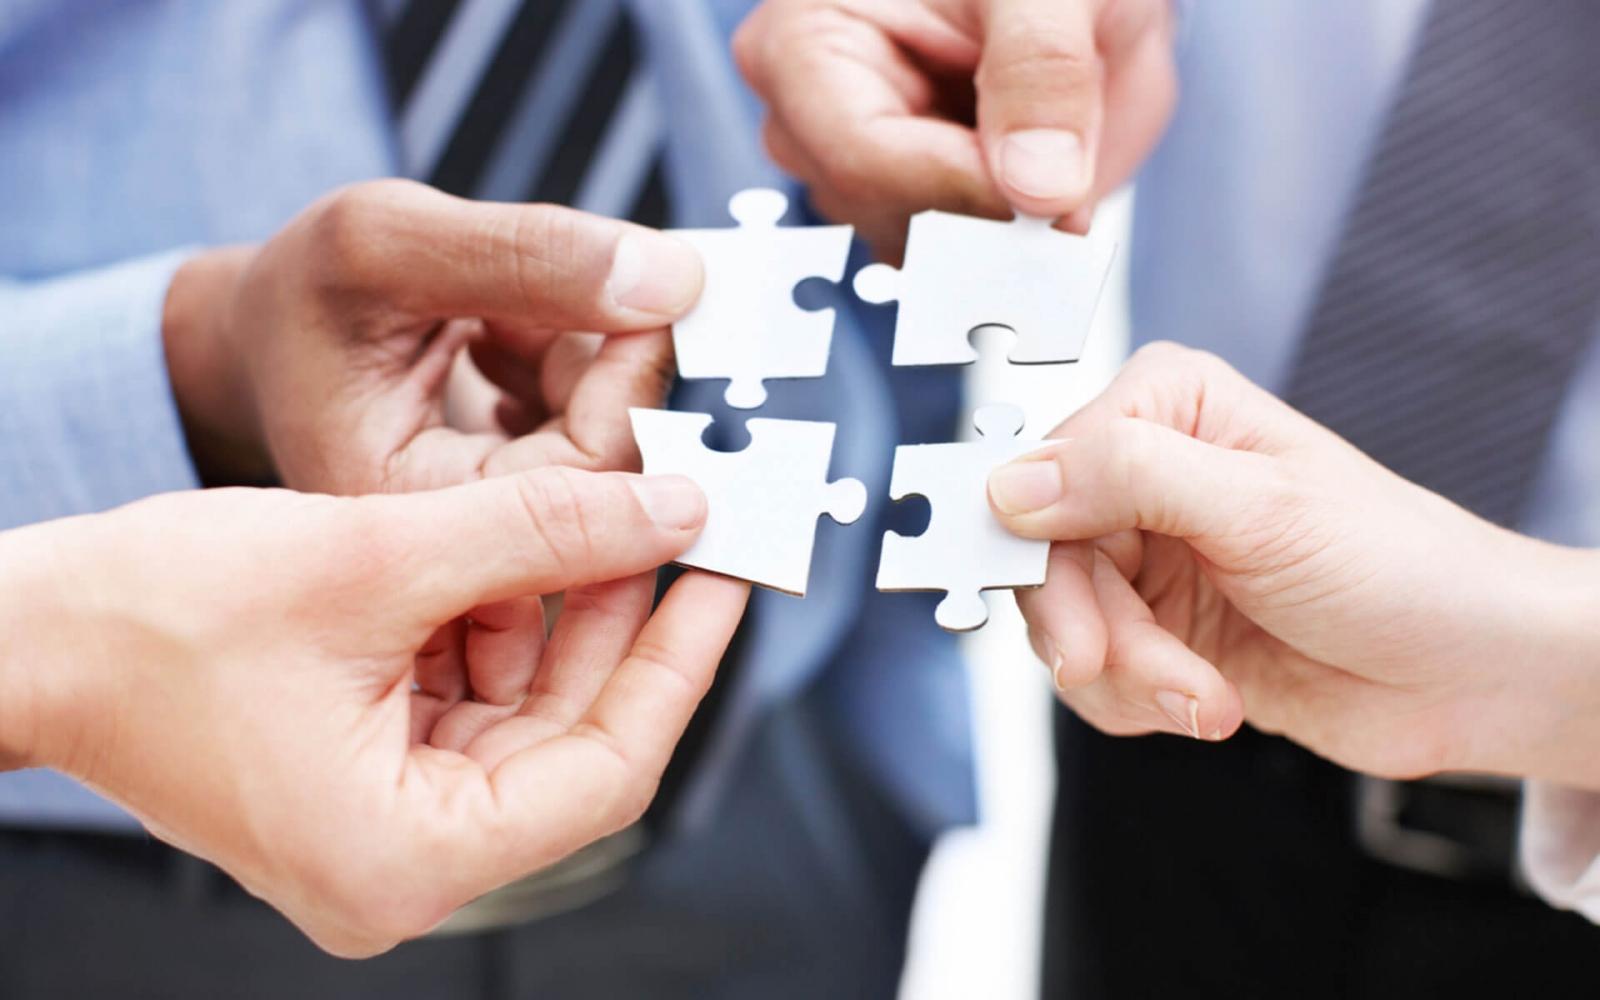 Как начать успешно и стабильно продавать франшизу своего бизнеса